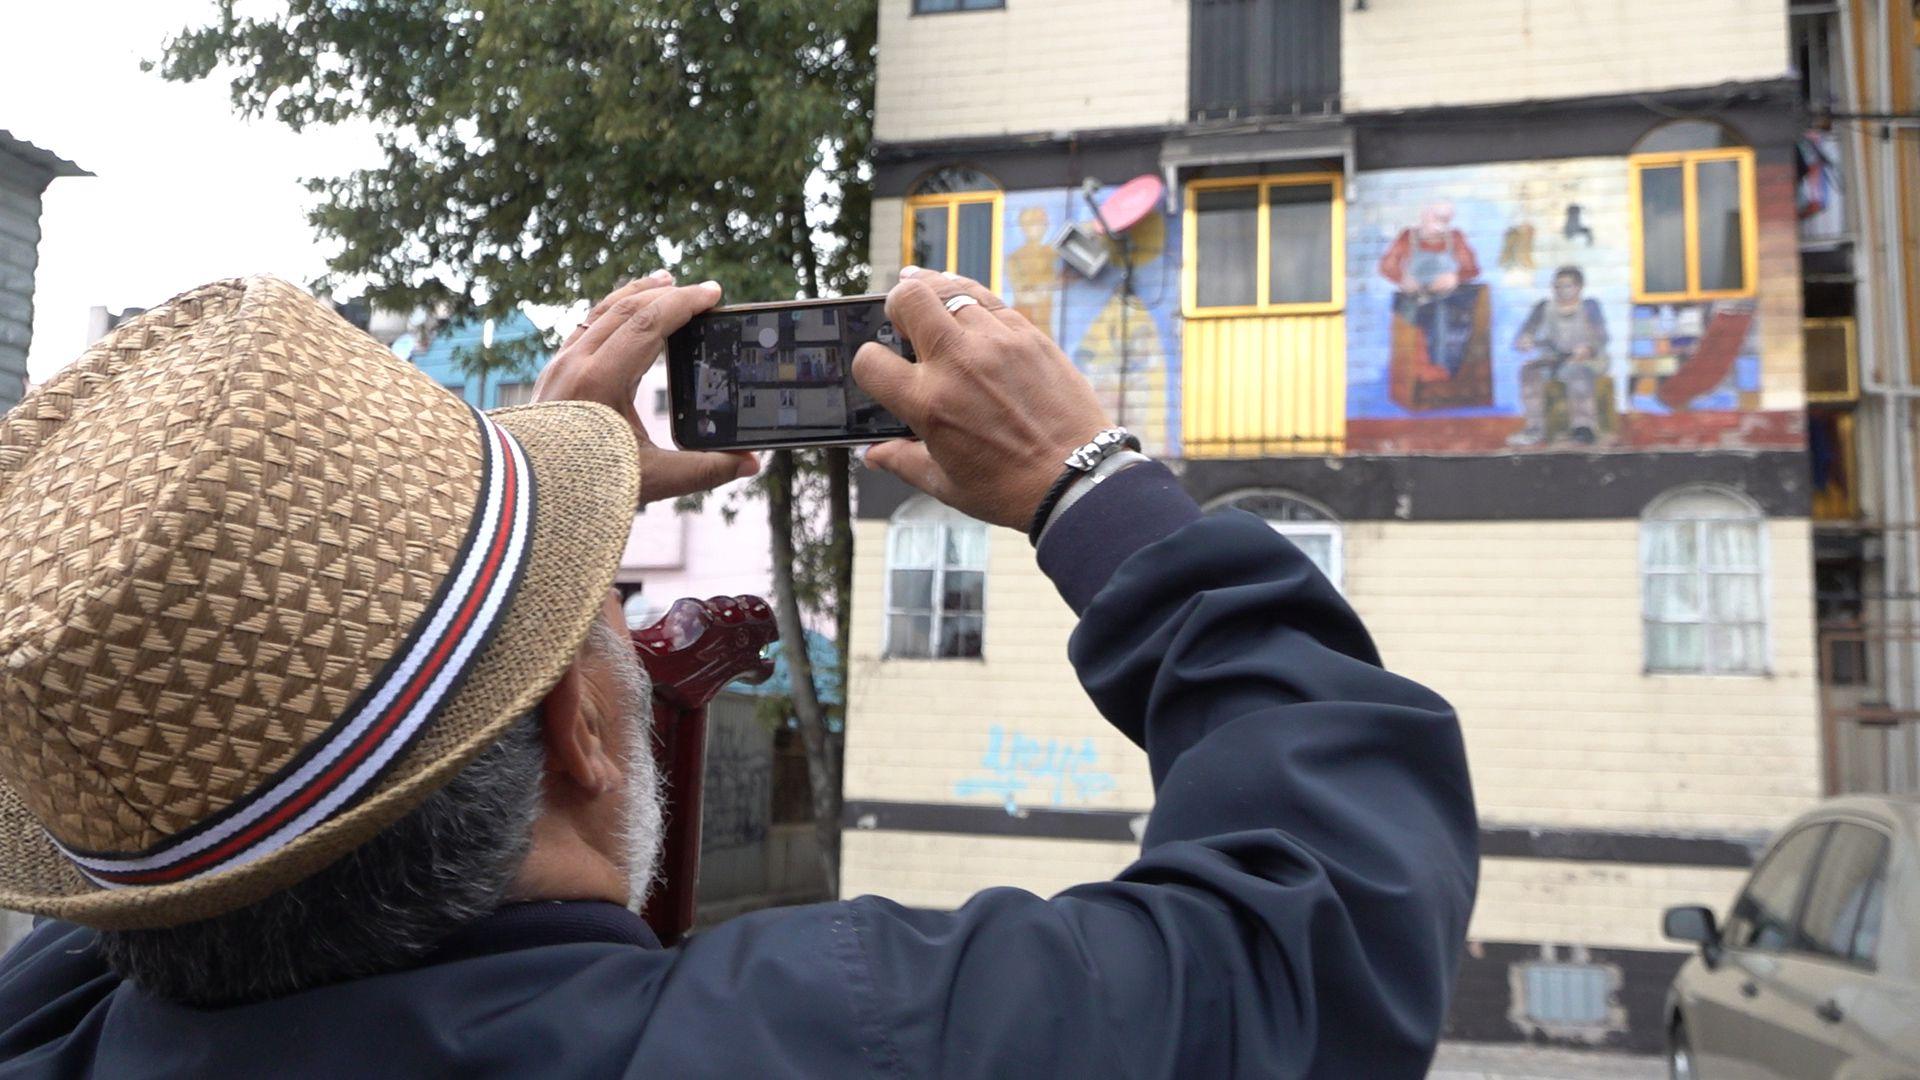 Luis Arévalo Venegas haciendo una foto de su retrato. (Foto: Juan Vicente Manrique/Infobae)